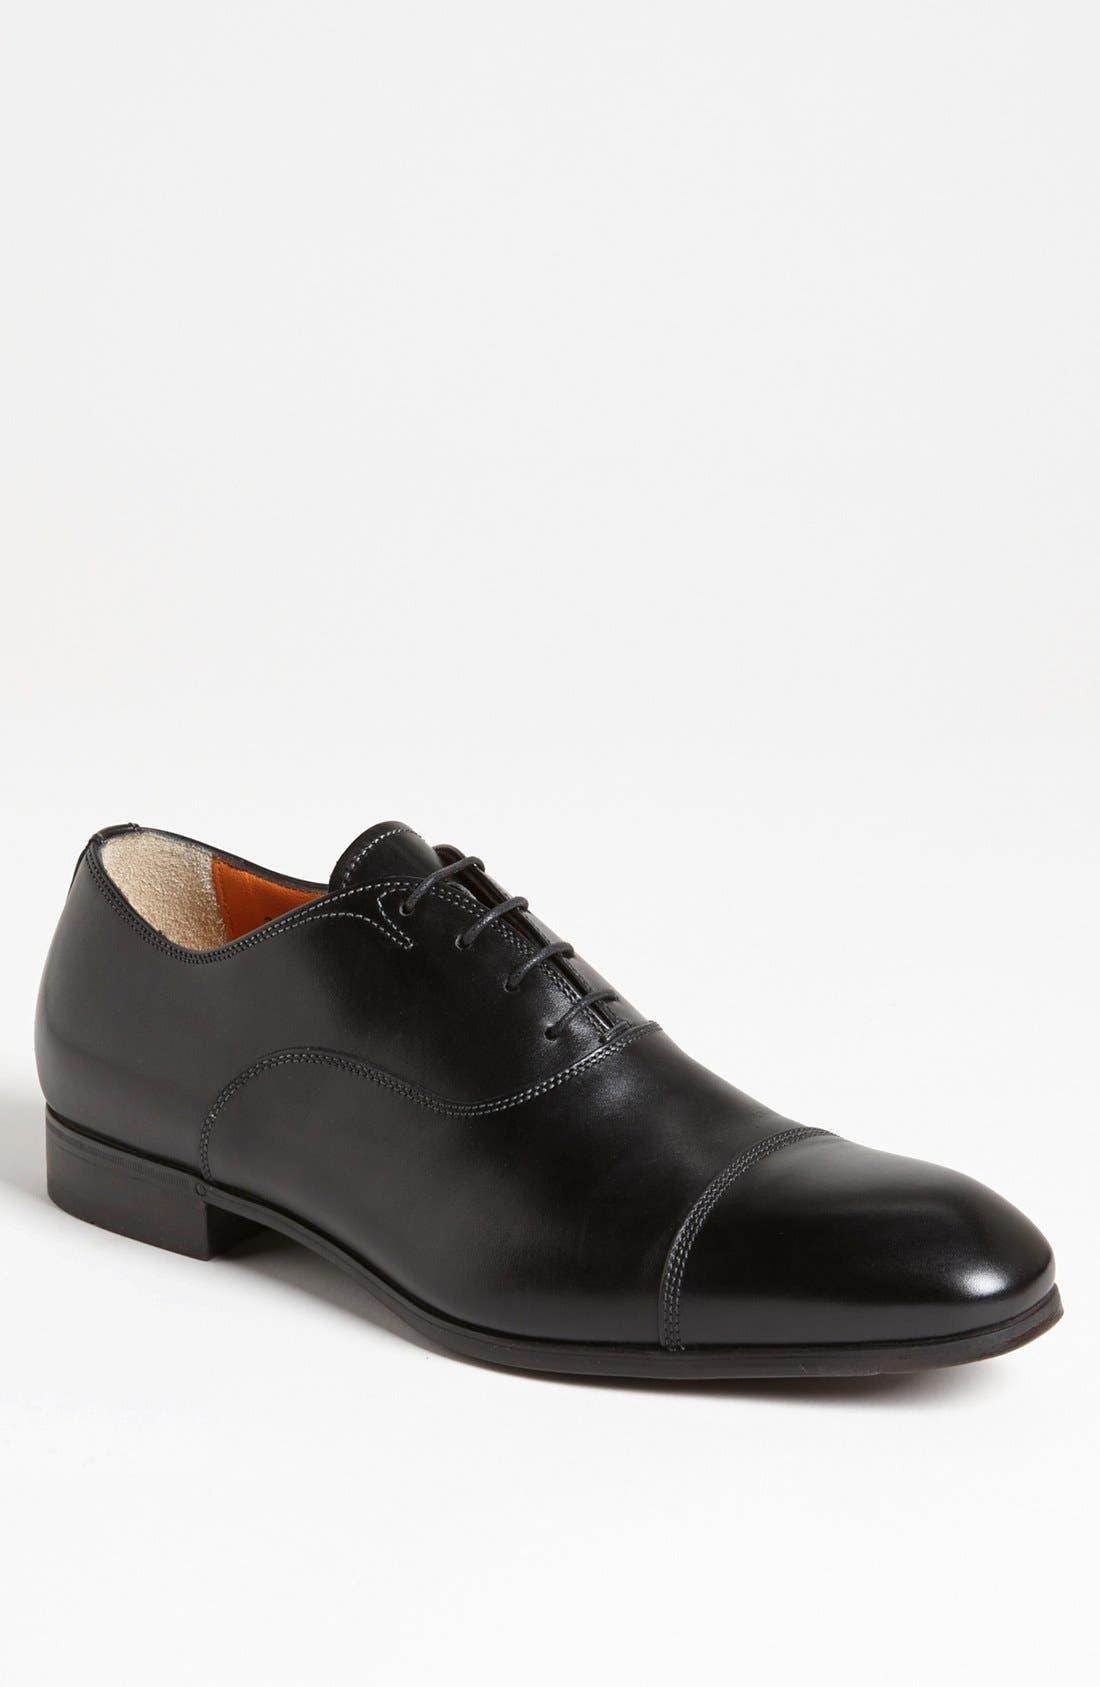 Alternate Image 1 Selected - Santoni 'Salem' Cap Toe Oxford (Men)